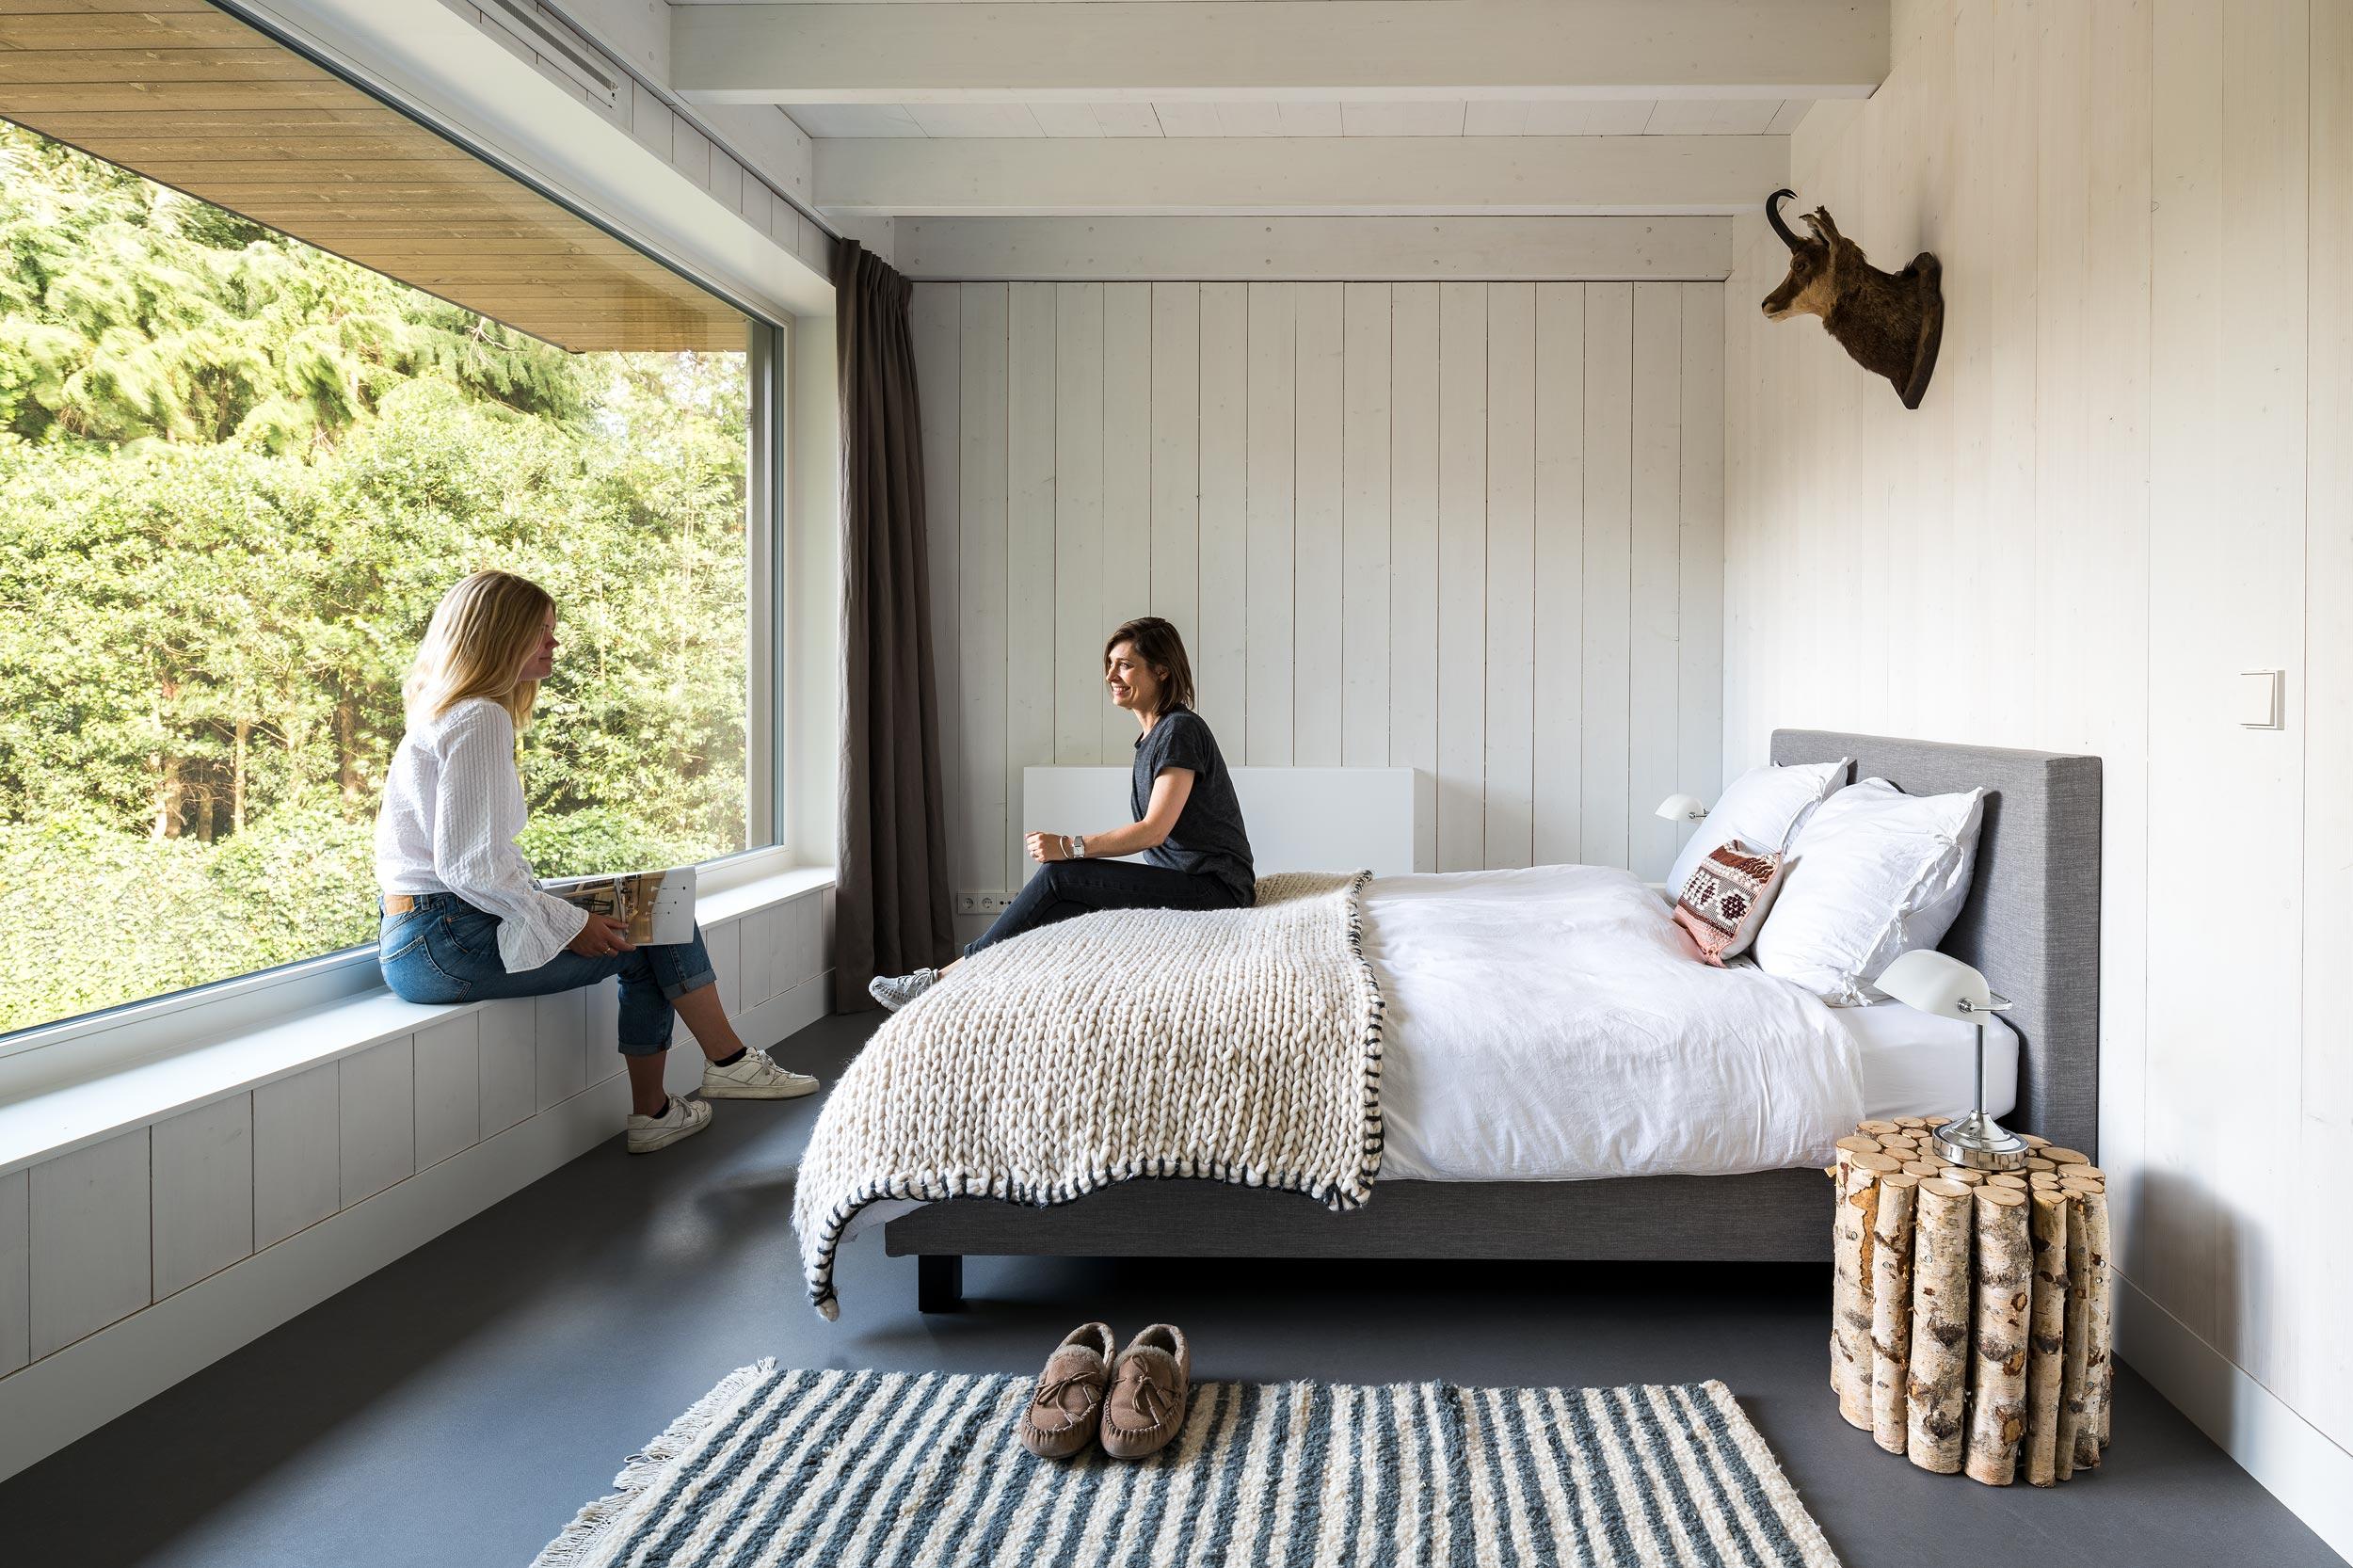 Interieurfotografie nieuwbouw villa in Baarn - interieurfotograaf Chiel de Nooyer